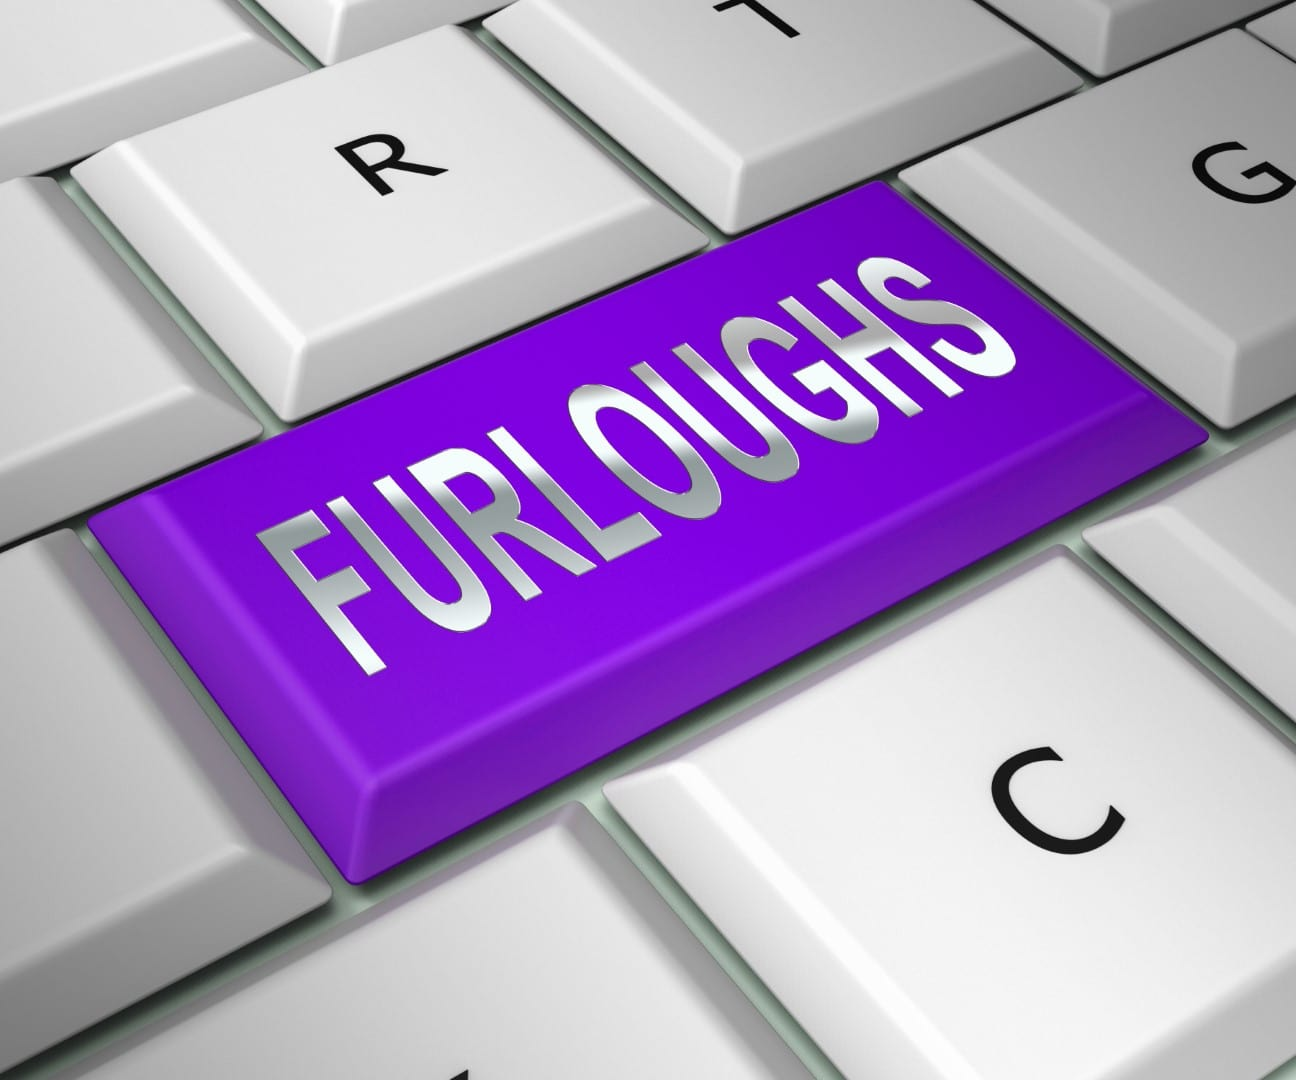 Furloughed Or Redundant Employees Sent Home - 3d Illustration